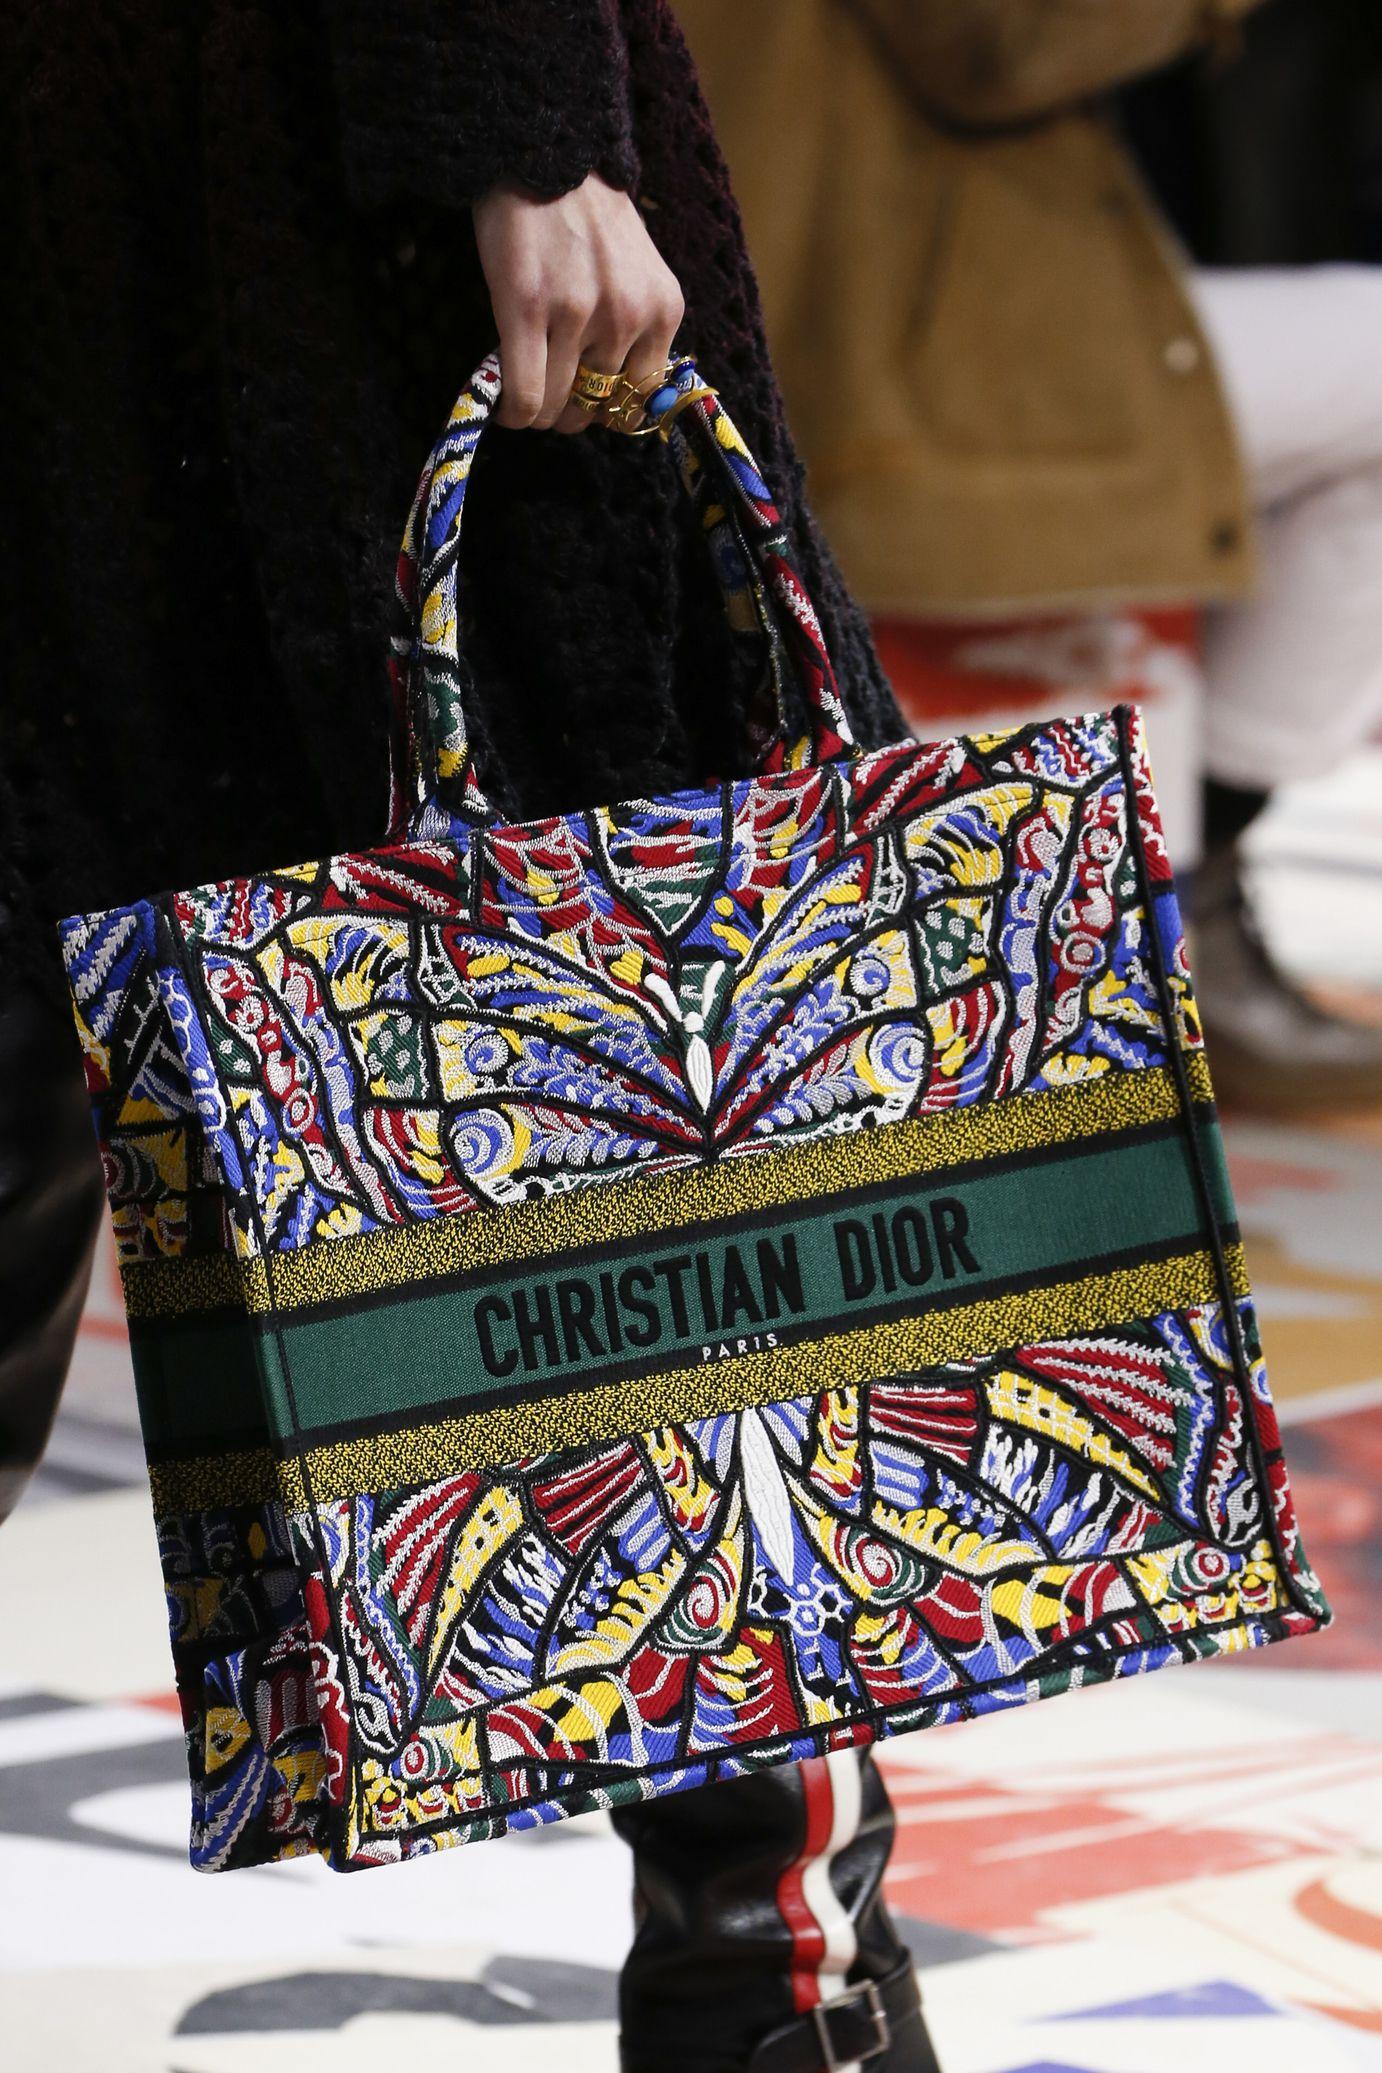 Prêt À 2018 Dior 2019 Automne Christian Hiver Défilés Porter XiTPZlkwOu